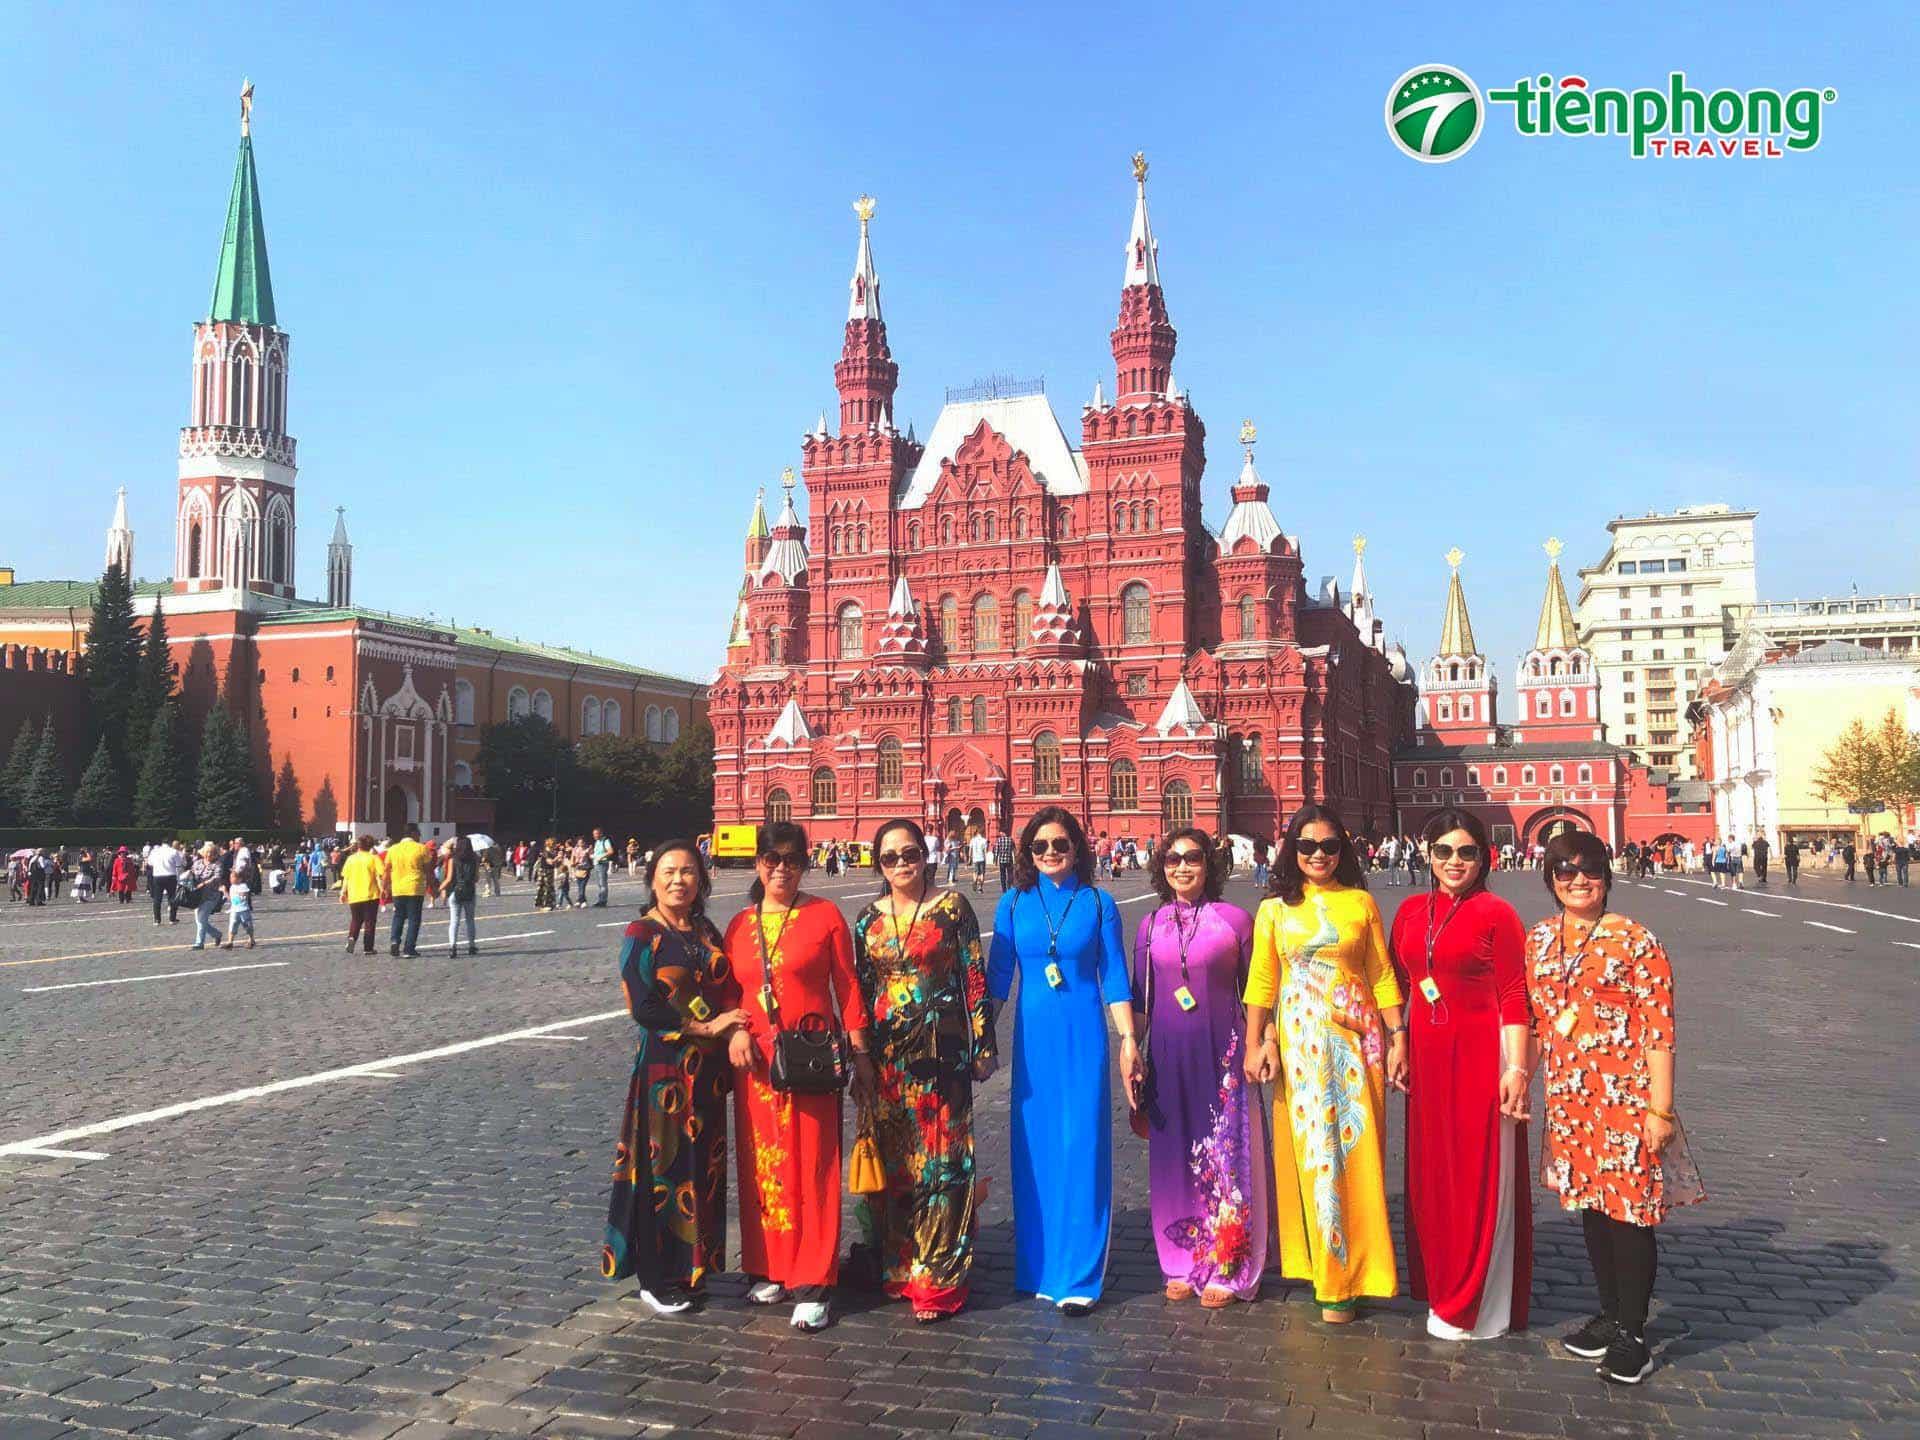 Du lịch Nga - Quảng Trường Đỏ